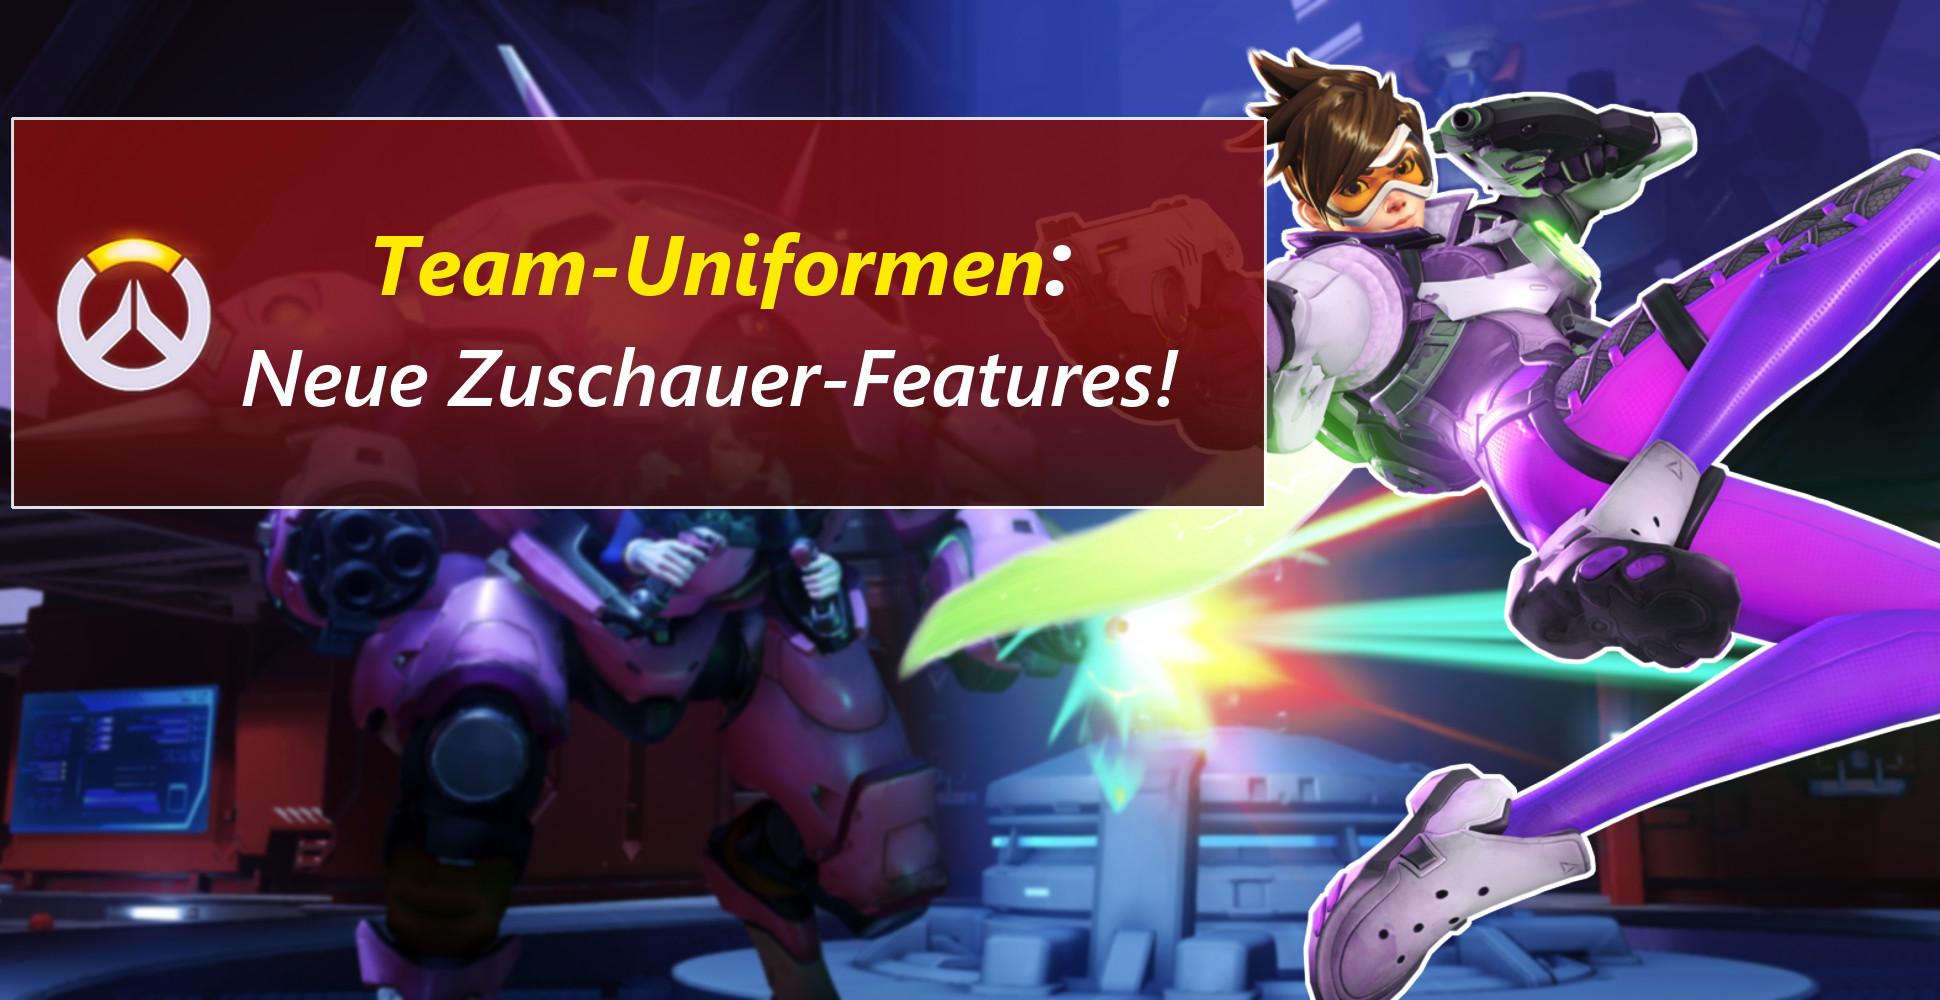 Team-Uniformen und bunte Explosionen – Der neue Zuschauermodus in Overwatch